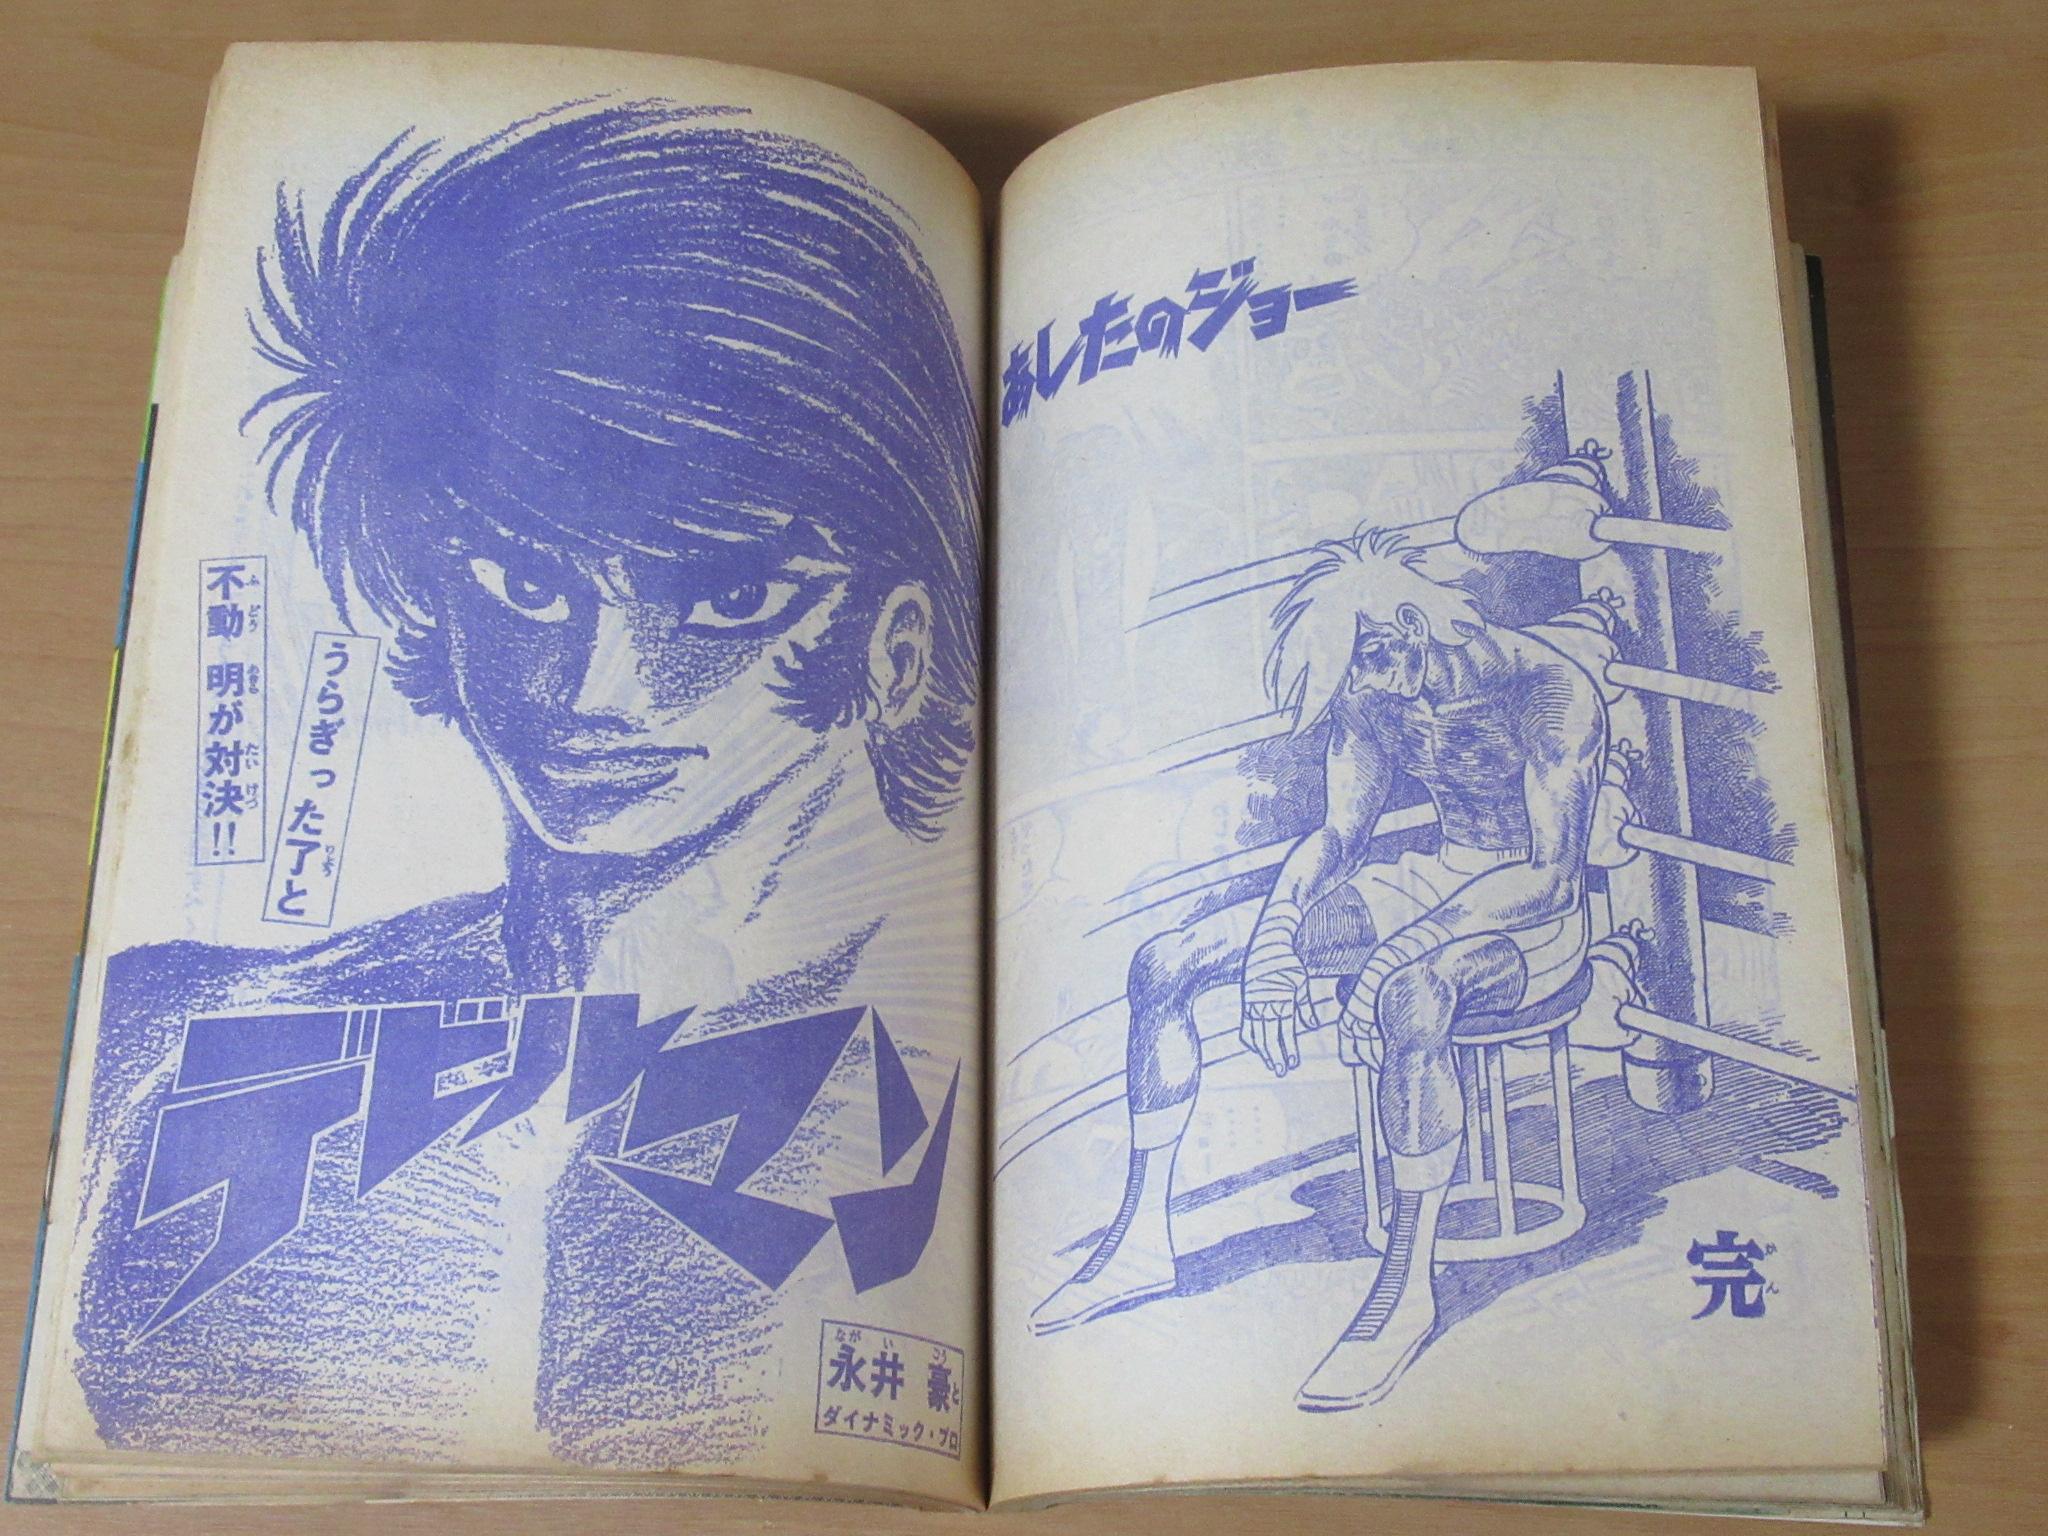 あしたのジョー 最終回号買取 週刊少年マガジン1973年21号